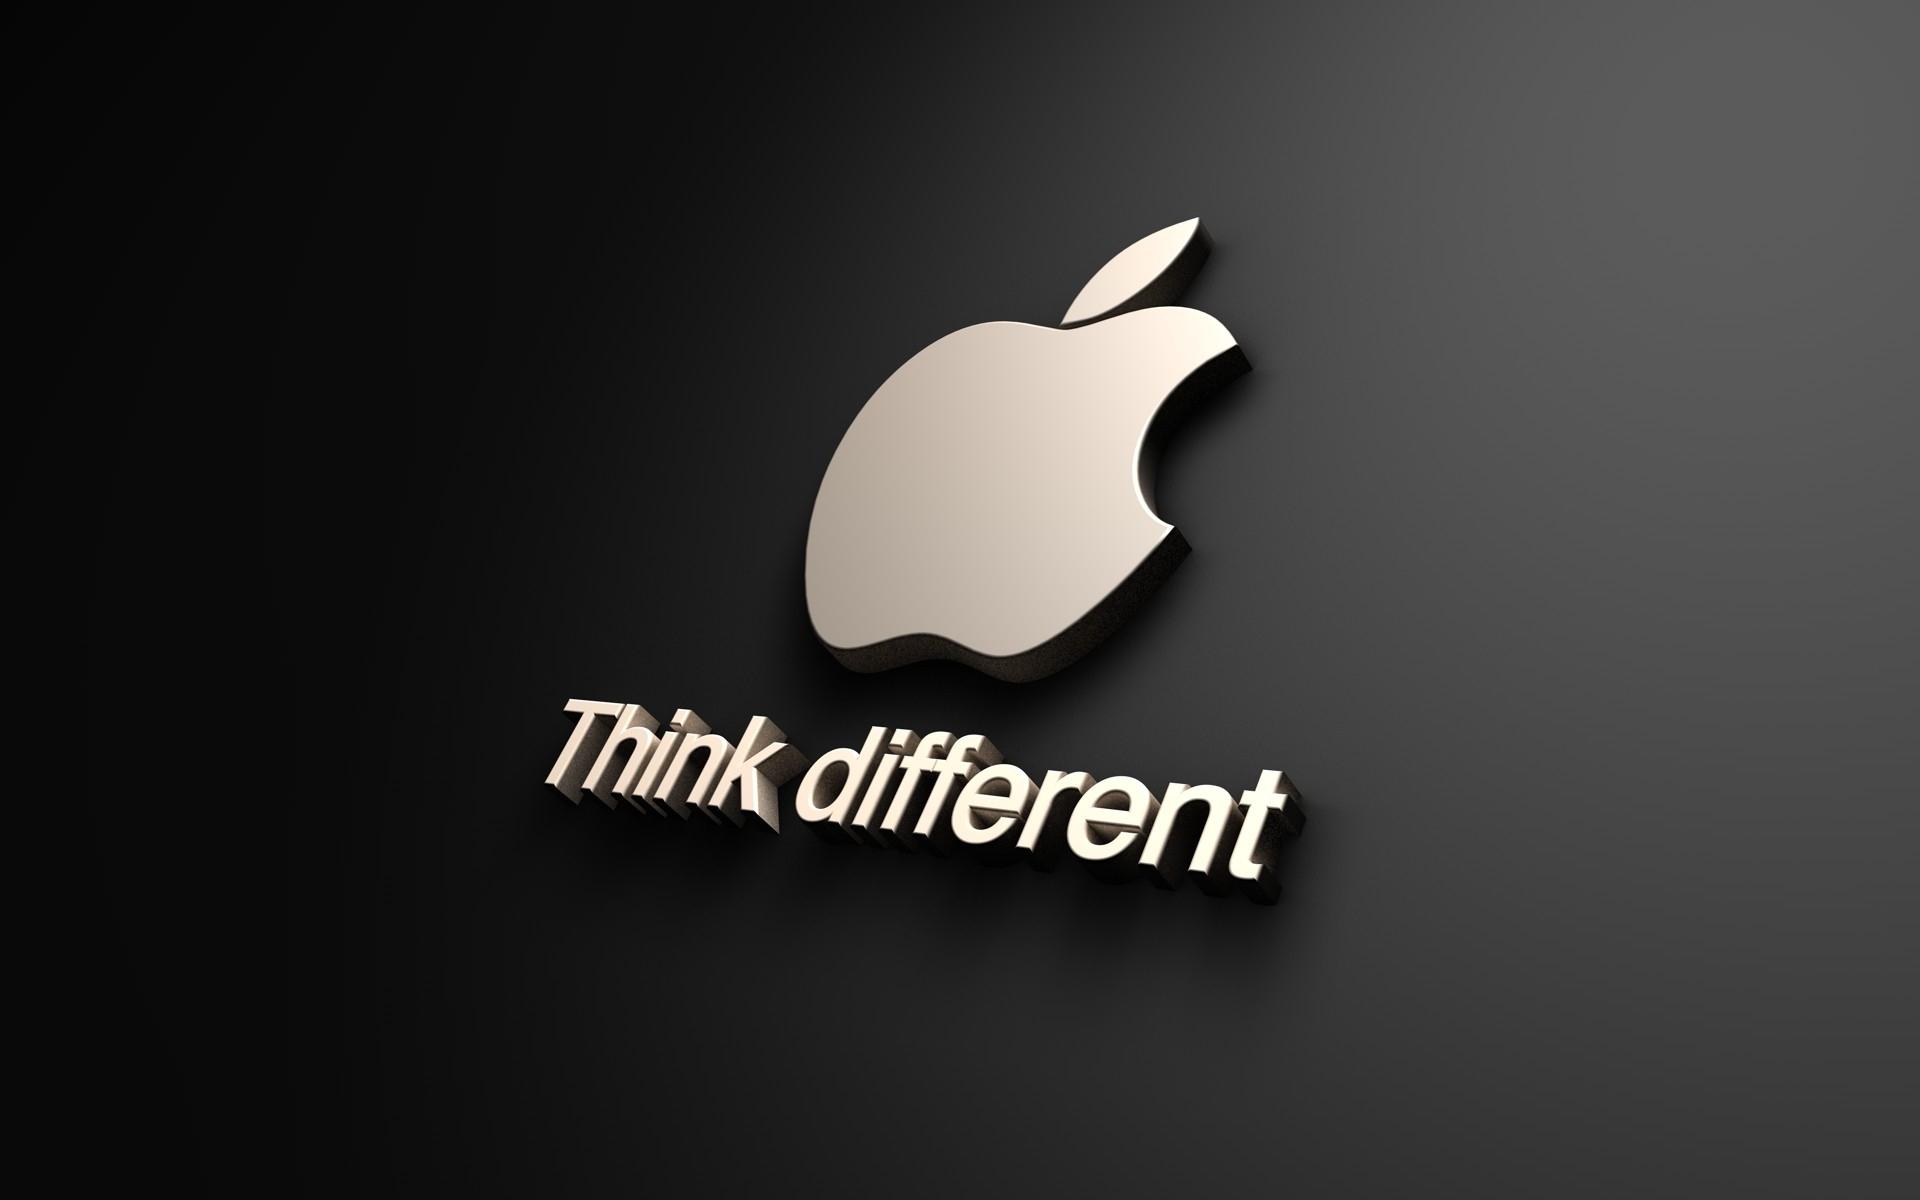 Apple şirkətinin işə qəbul zamanı verdiyi 31 qəribə sual!